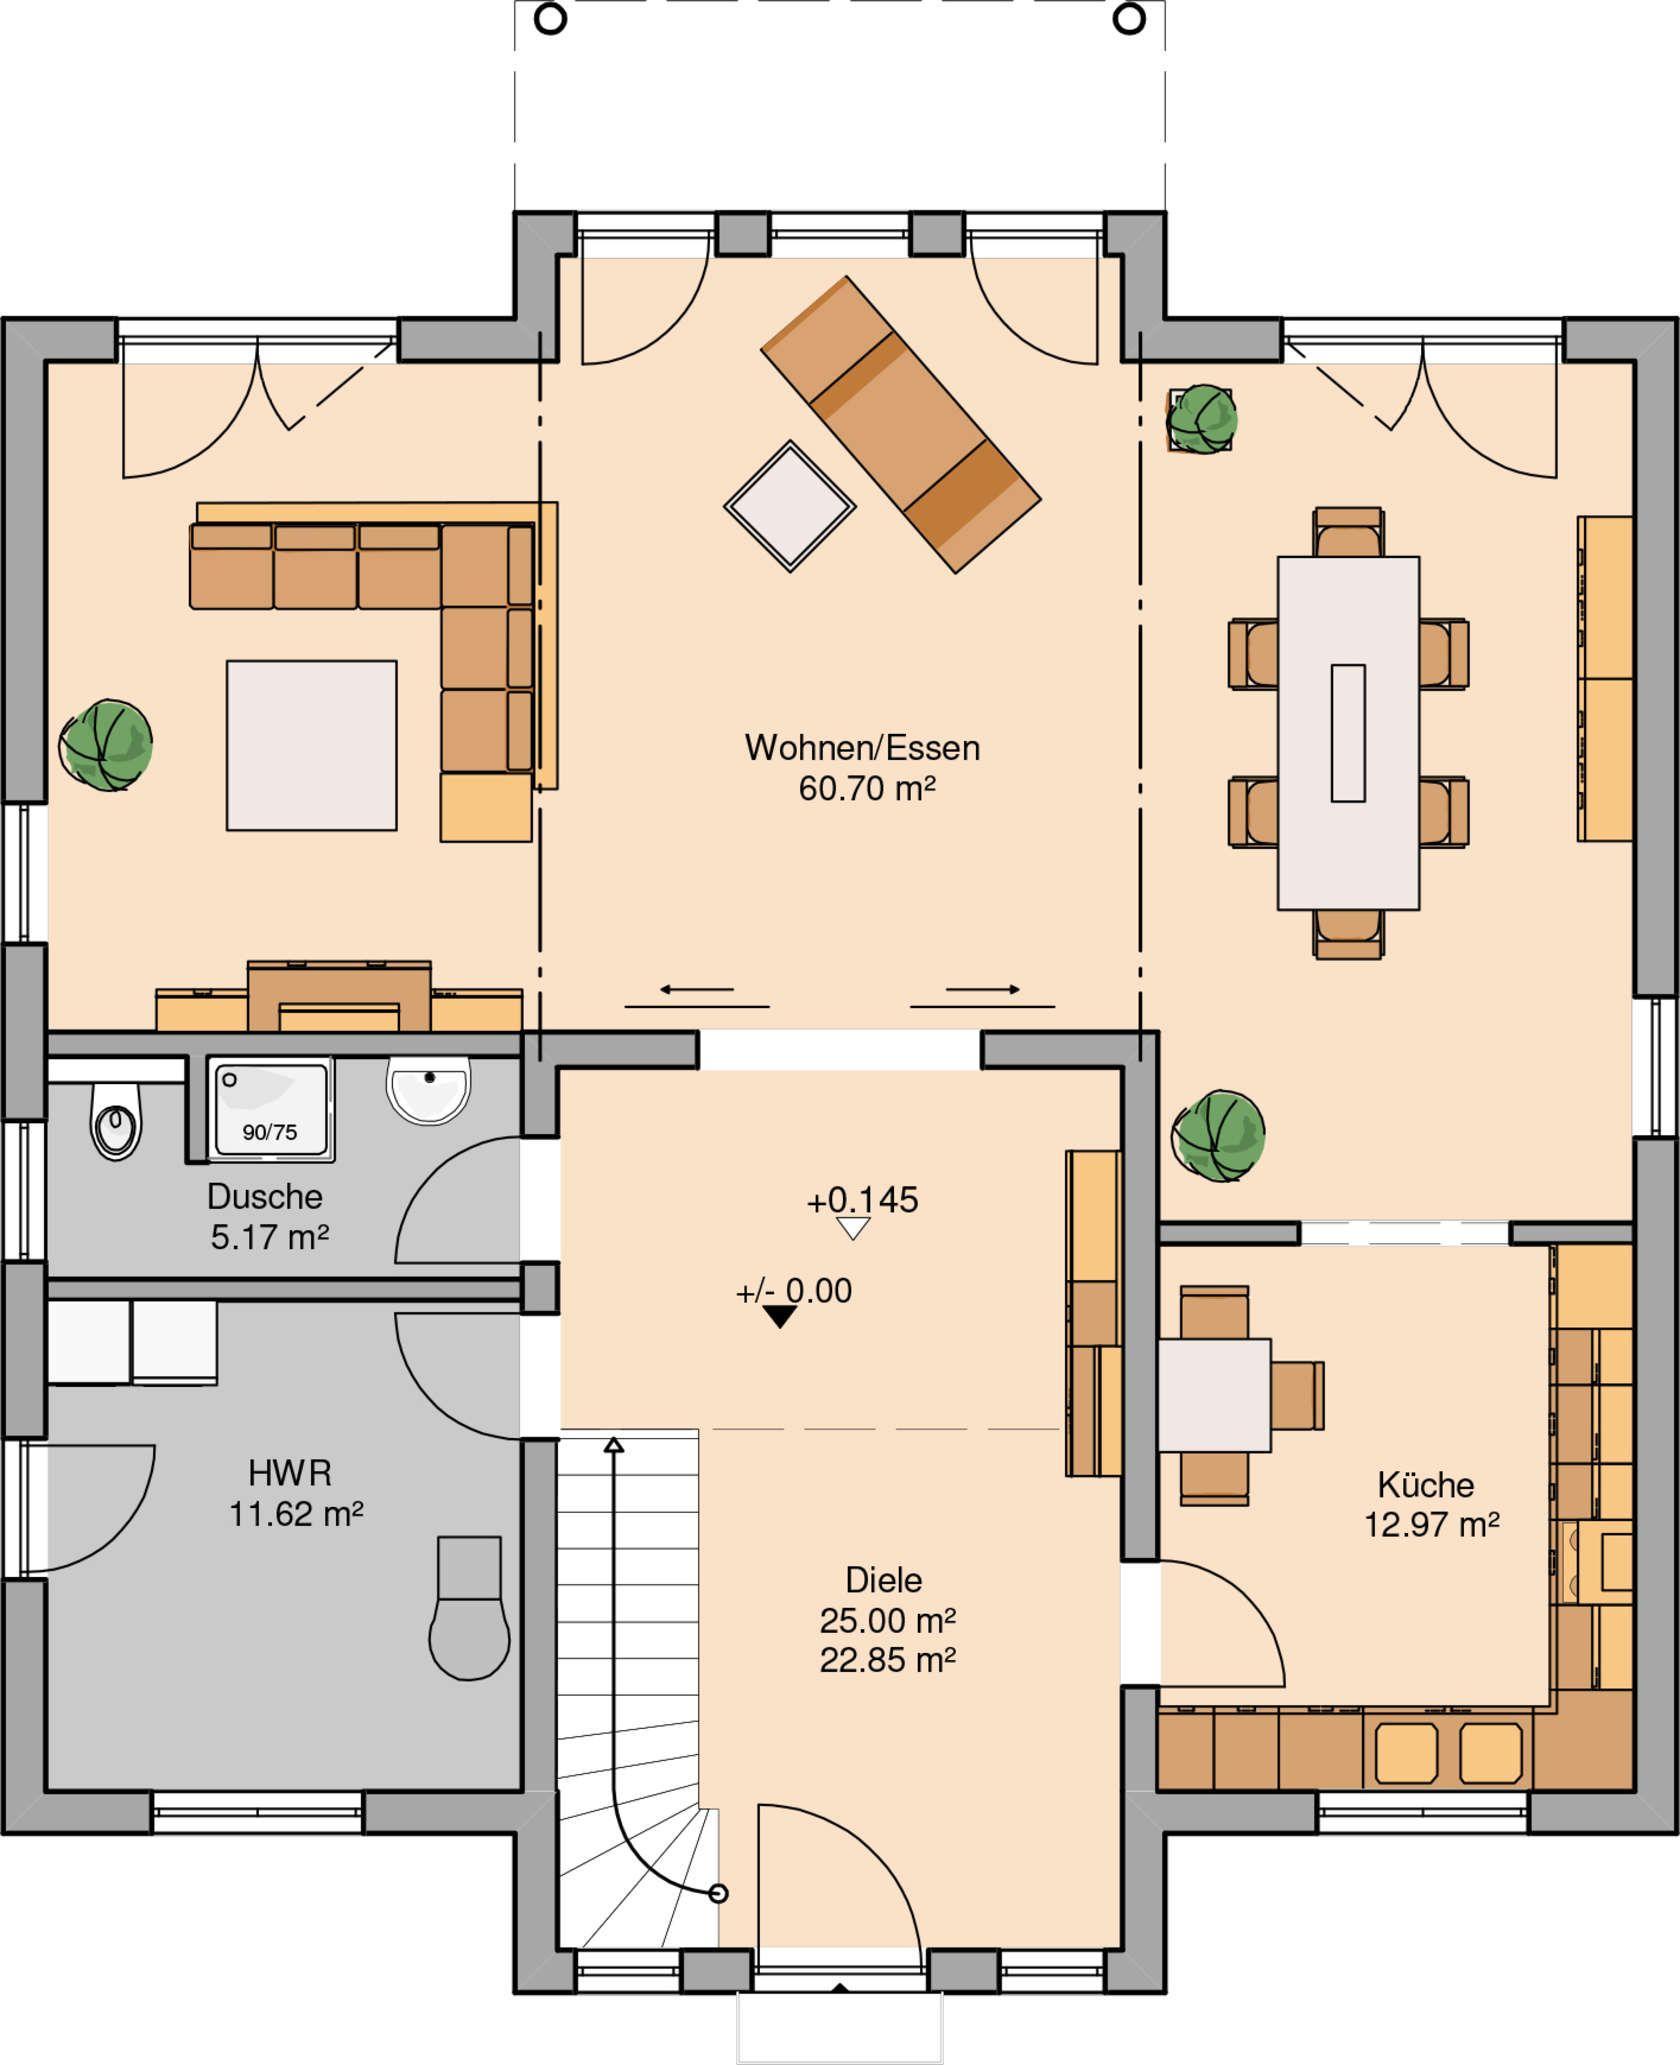 Kern haus stadtvilla karat grundriss erdgeschoss for Haus planen grundriss